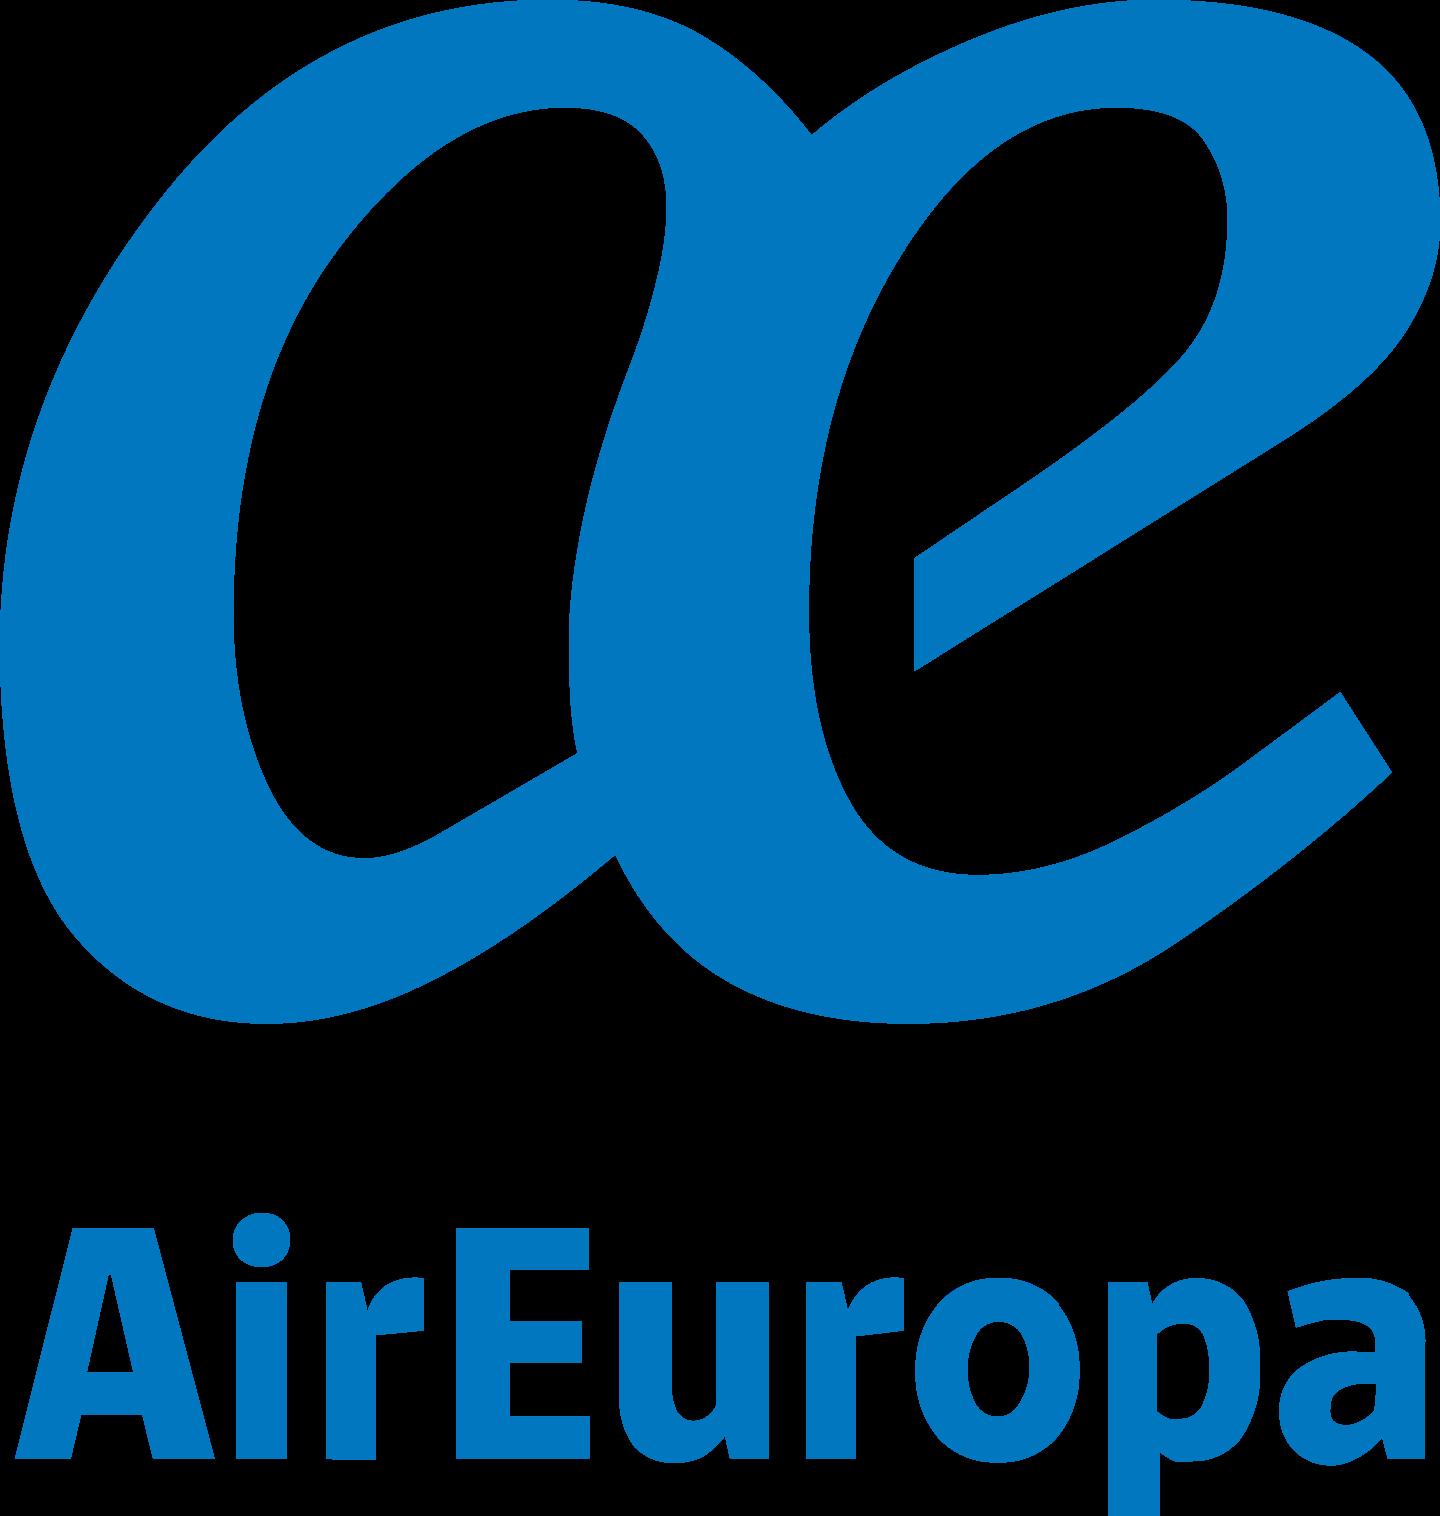 air europa logo 3 - Air Europa Logo